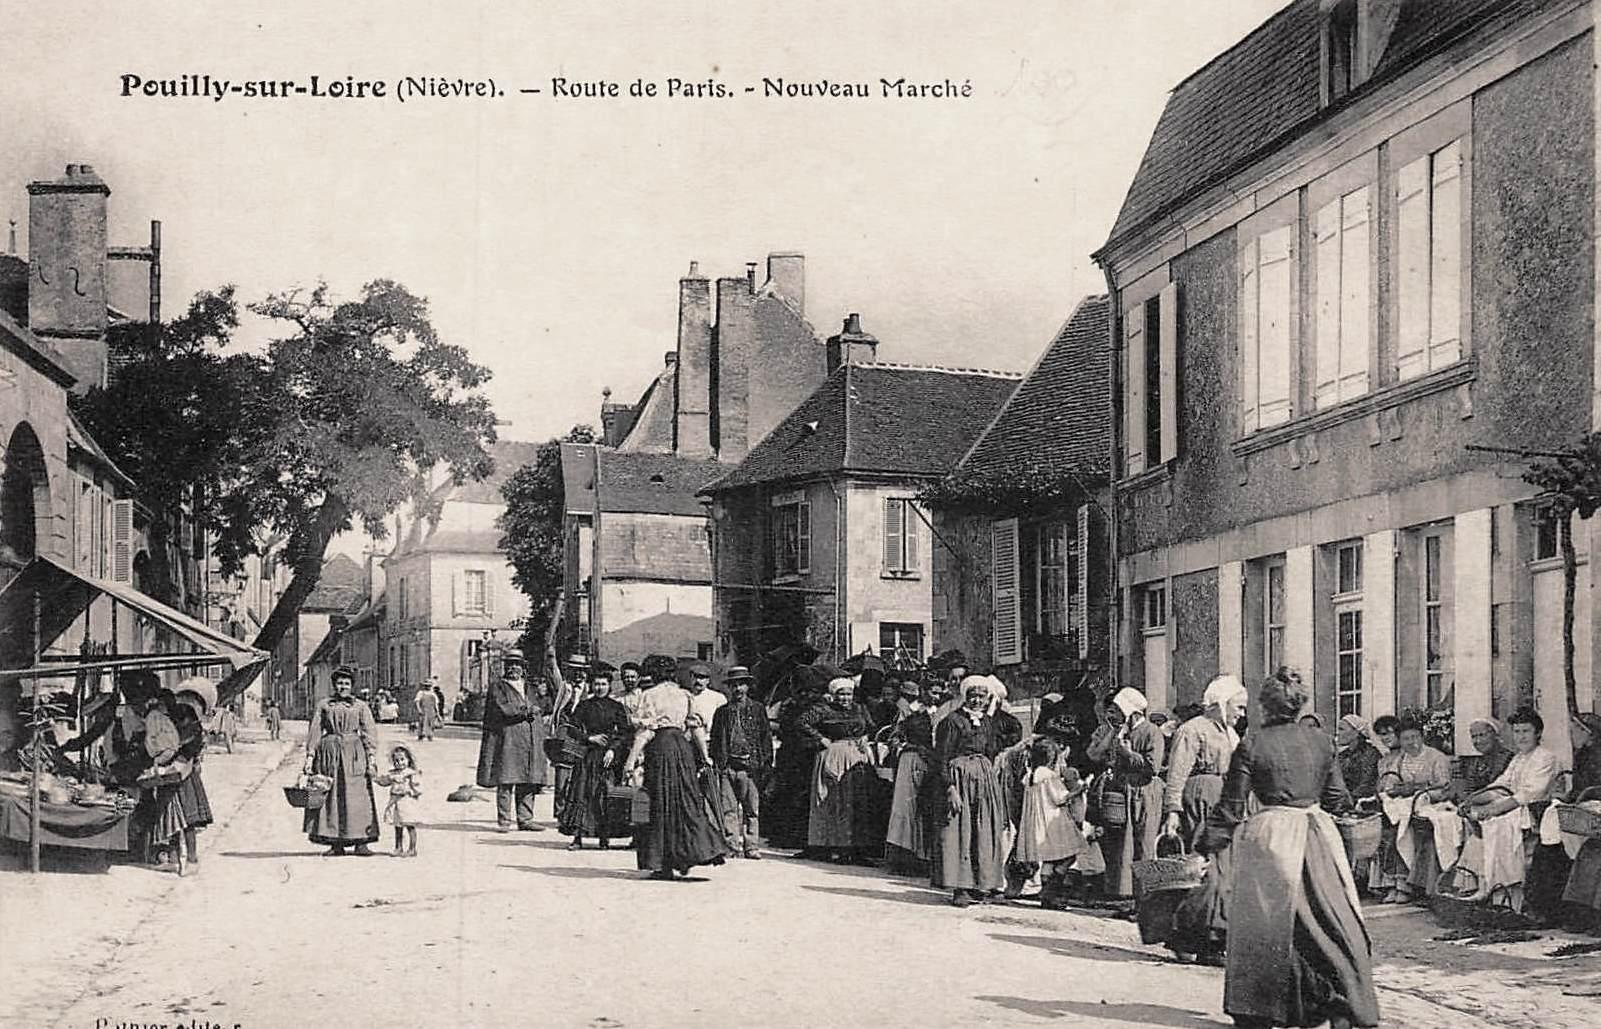 Pouilly-sur-Loire (Nièvre) La rue de Paris CPA